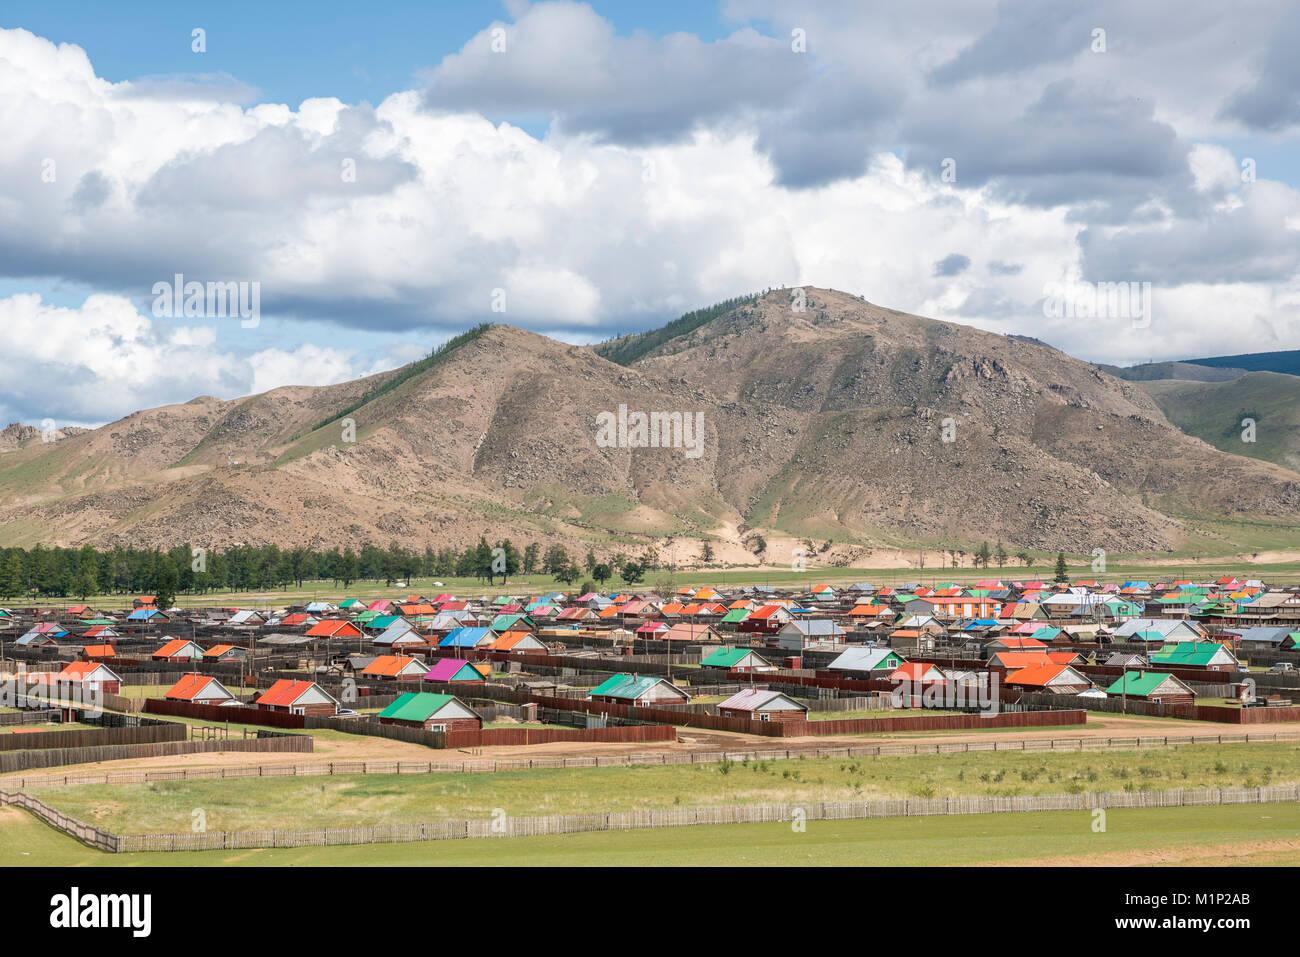 La ville de Orgil, Jargalant China, district, la Mongolie, l'Asie centrale, d'Asie Photo Stock